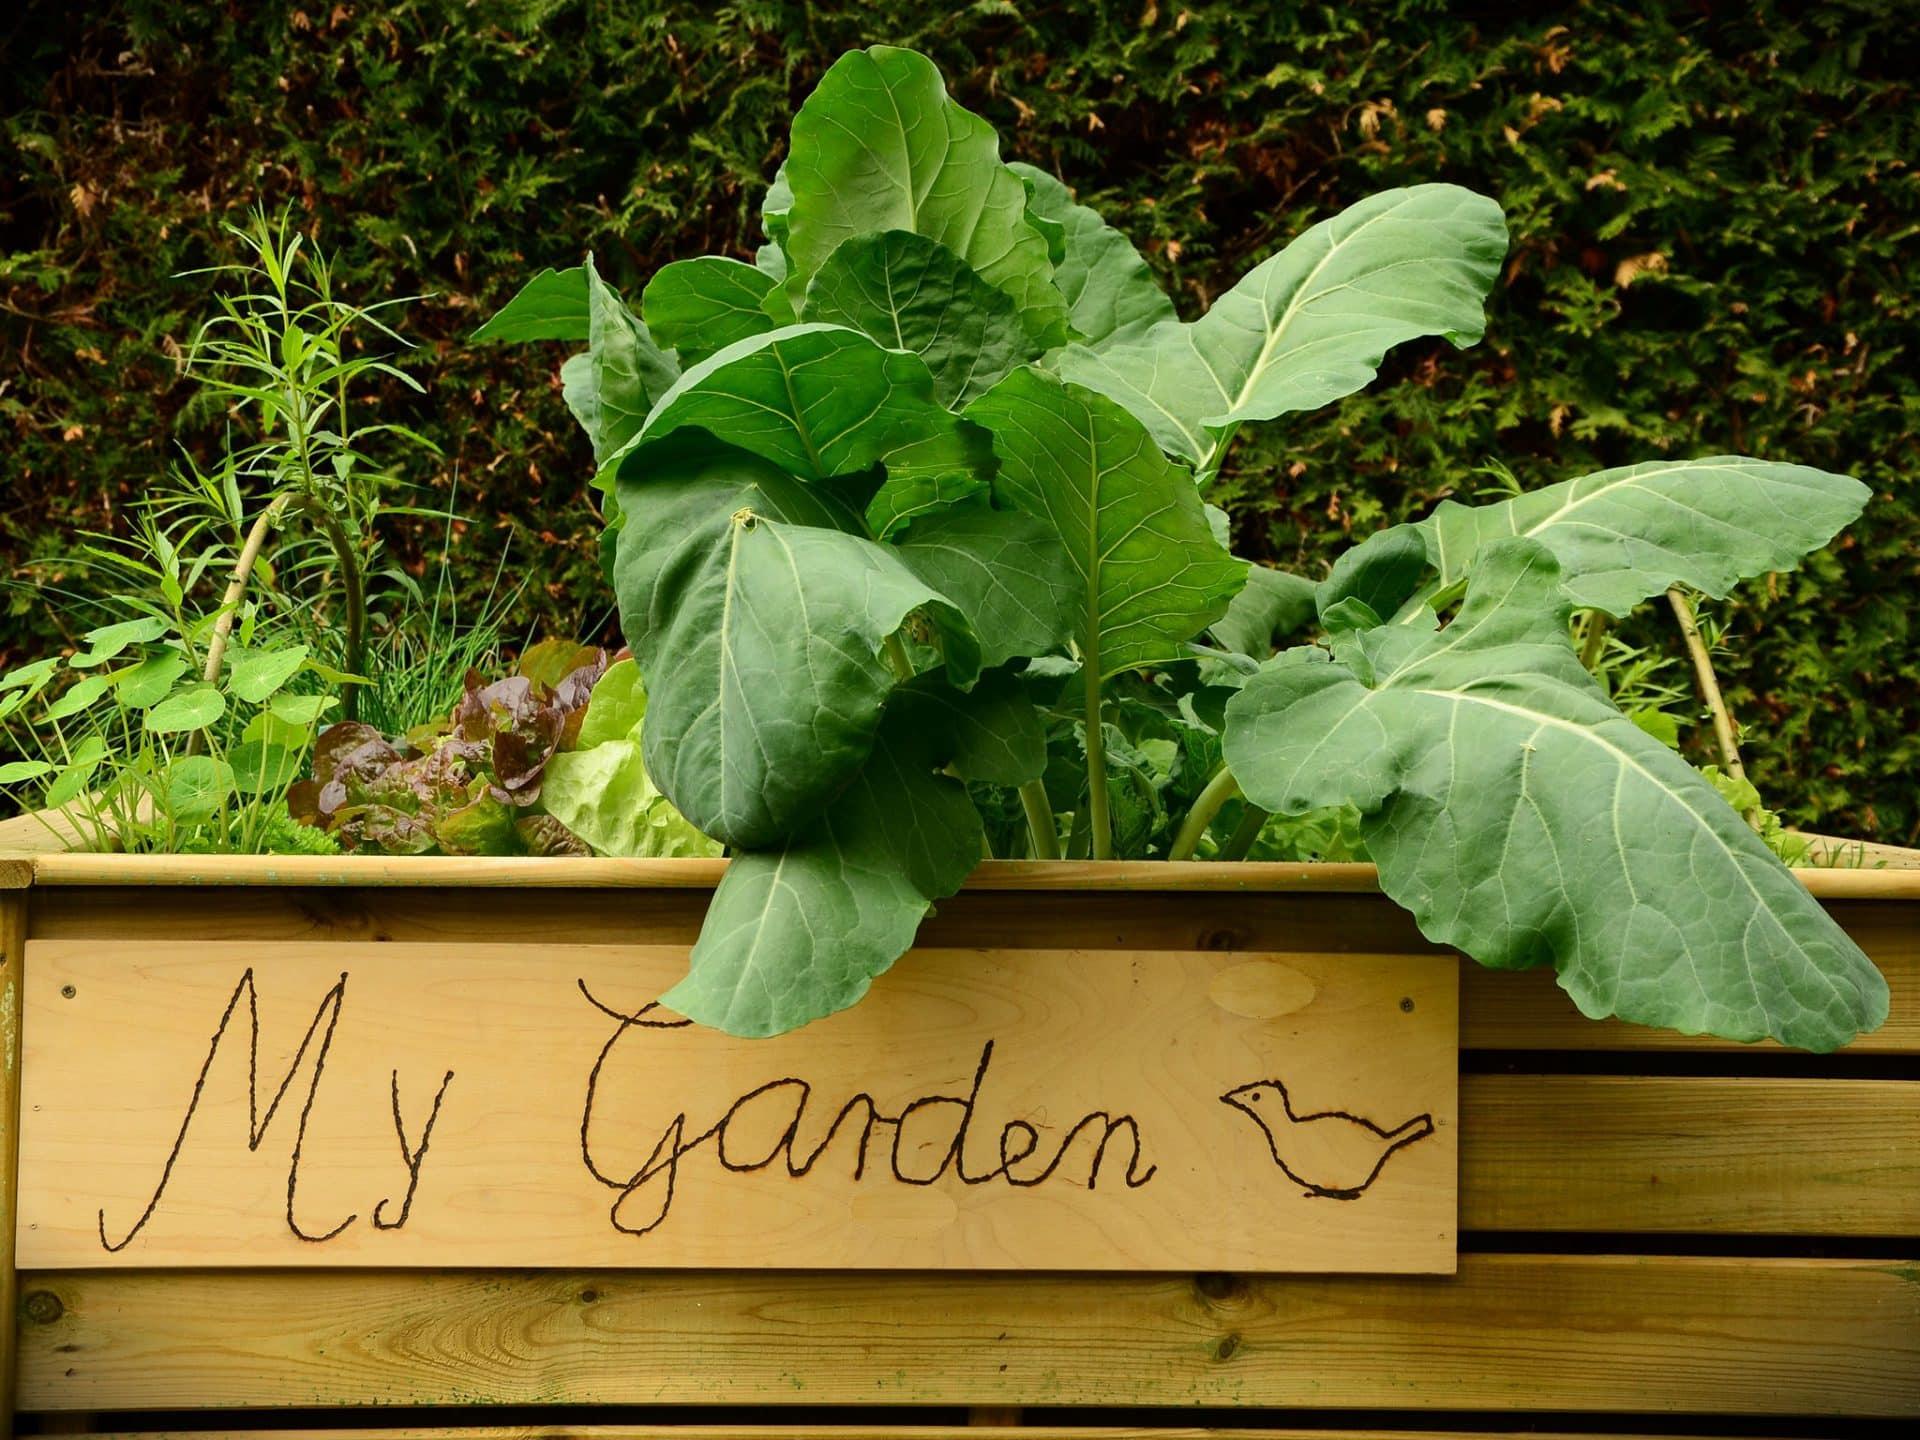 Ein Hochbeet ist nicht nur nützlich, sondern wird oft auch als Gartendekoration gesehen. © Pixabay.com